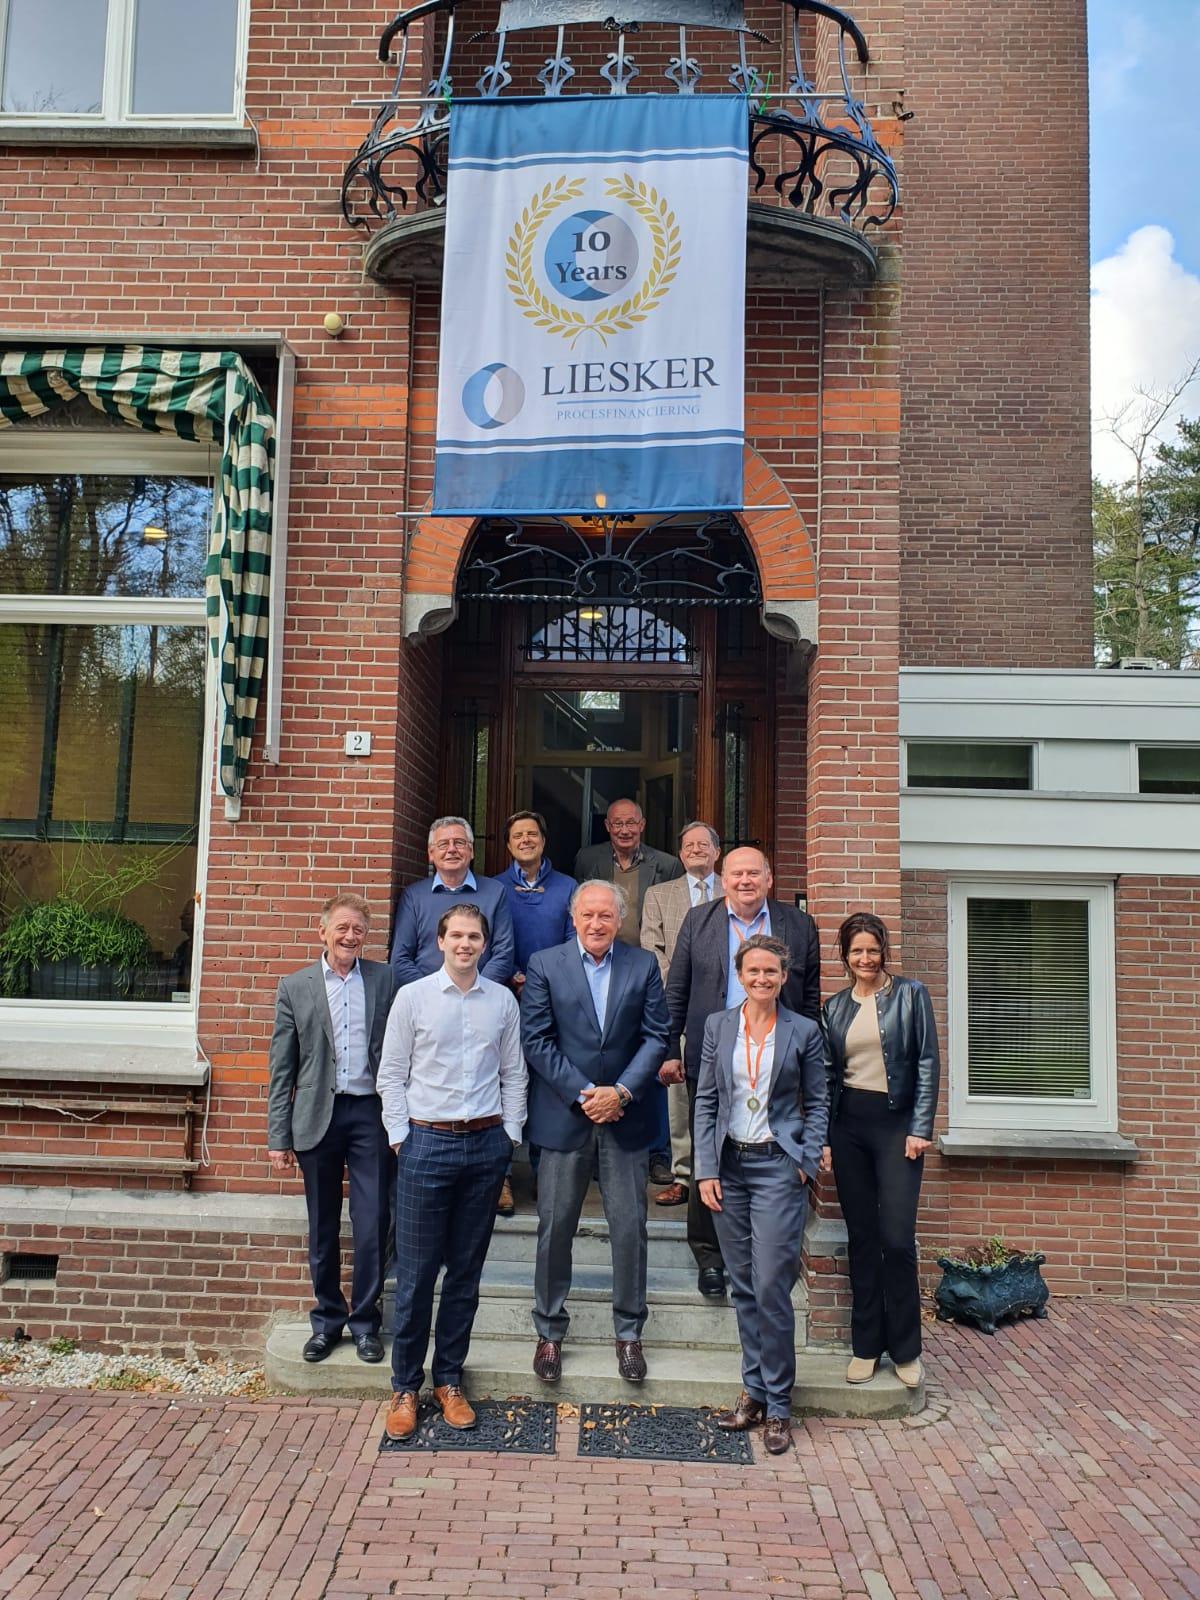 Liesker.10Jaar - - van Swaaij Cassastie & Consultancy - cassatieadvocaat - cassatie advocaat